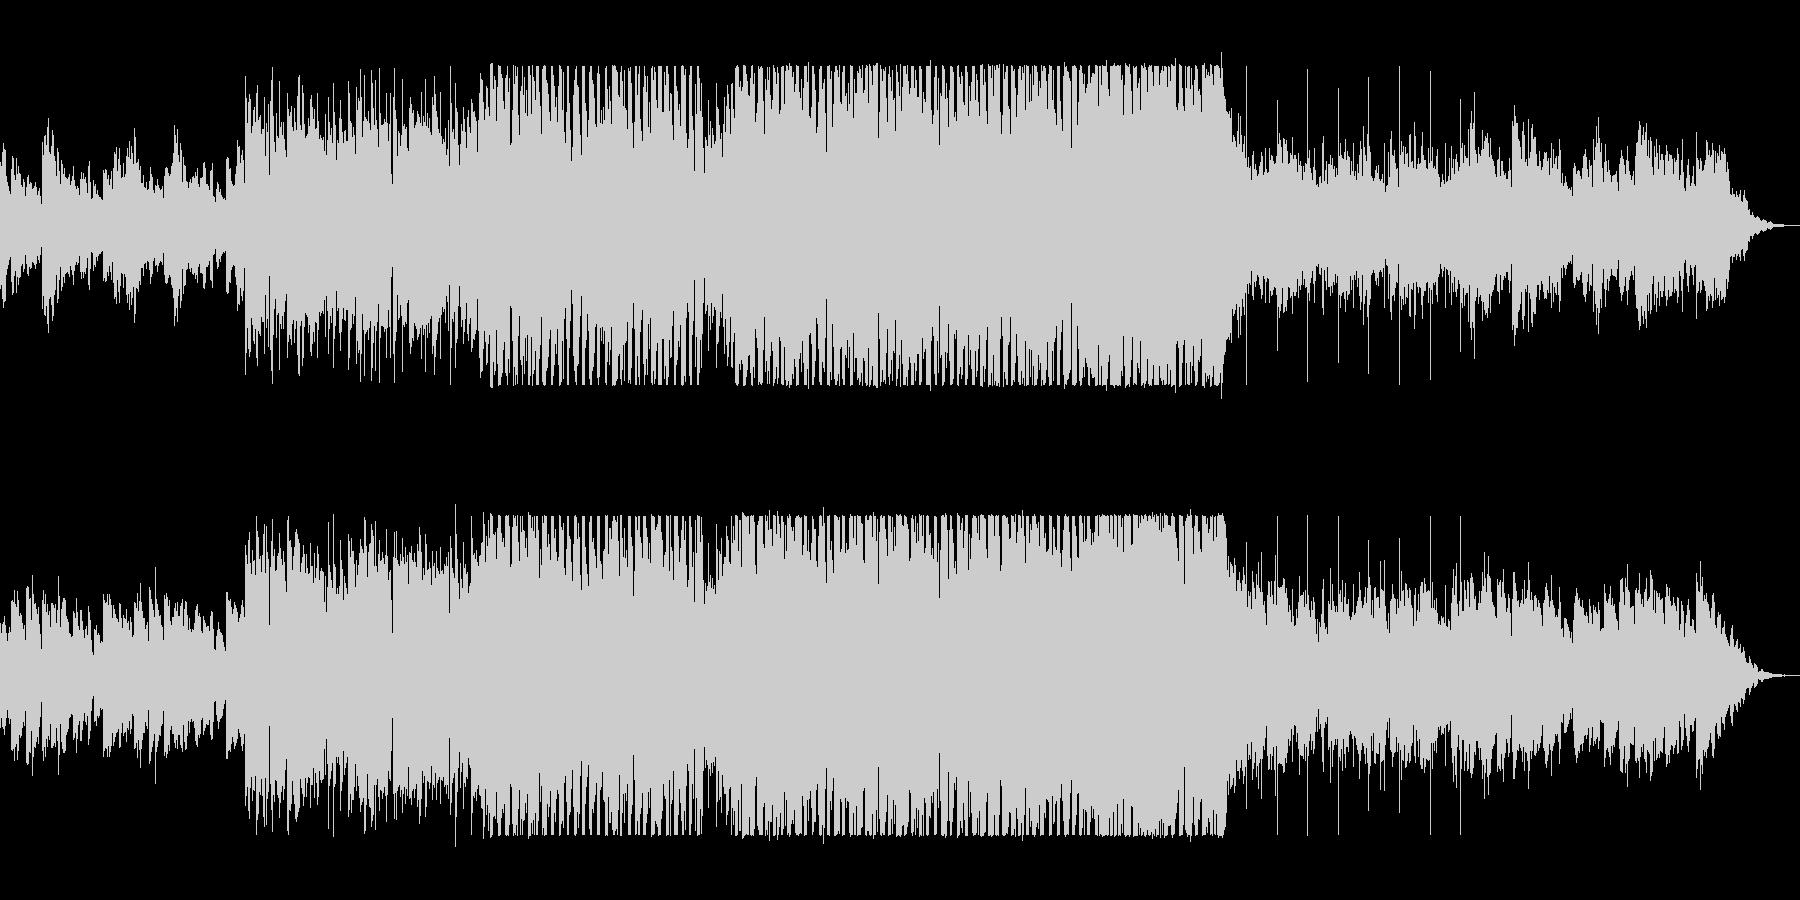 しっとりアップテンポのシンセサイザーの曲の未再生の波形